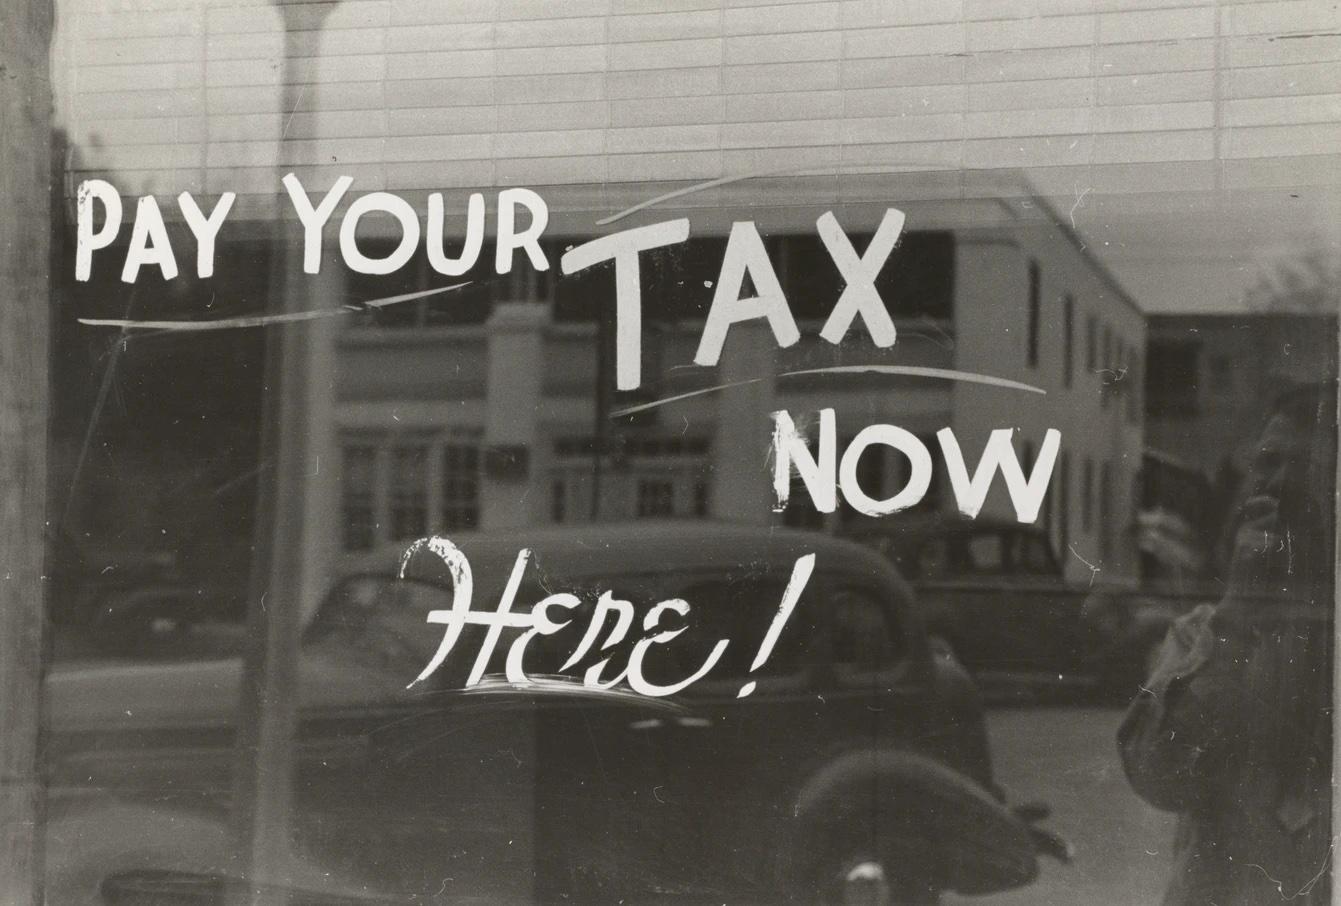 8月から施行の新規定 – EC店舗が税務申告・納税対象に